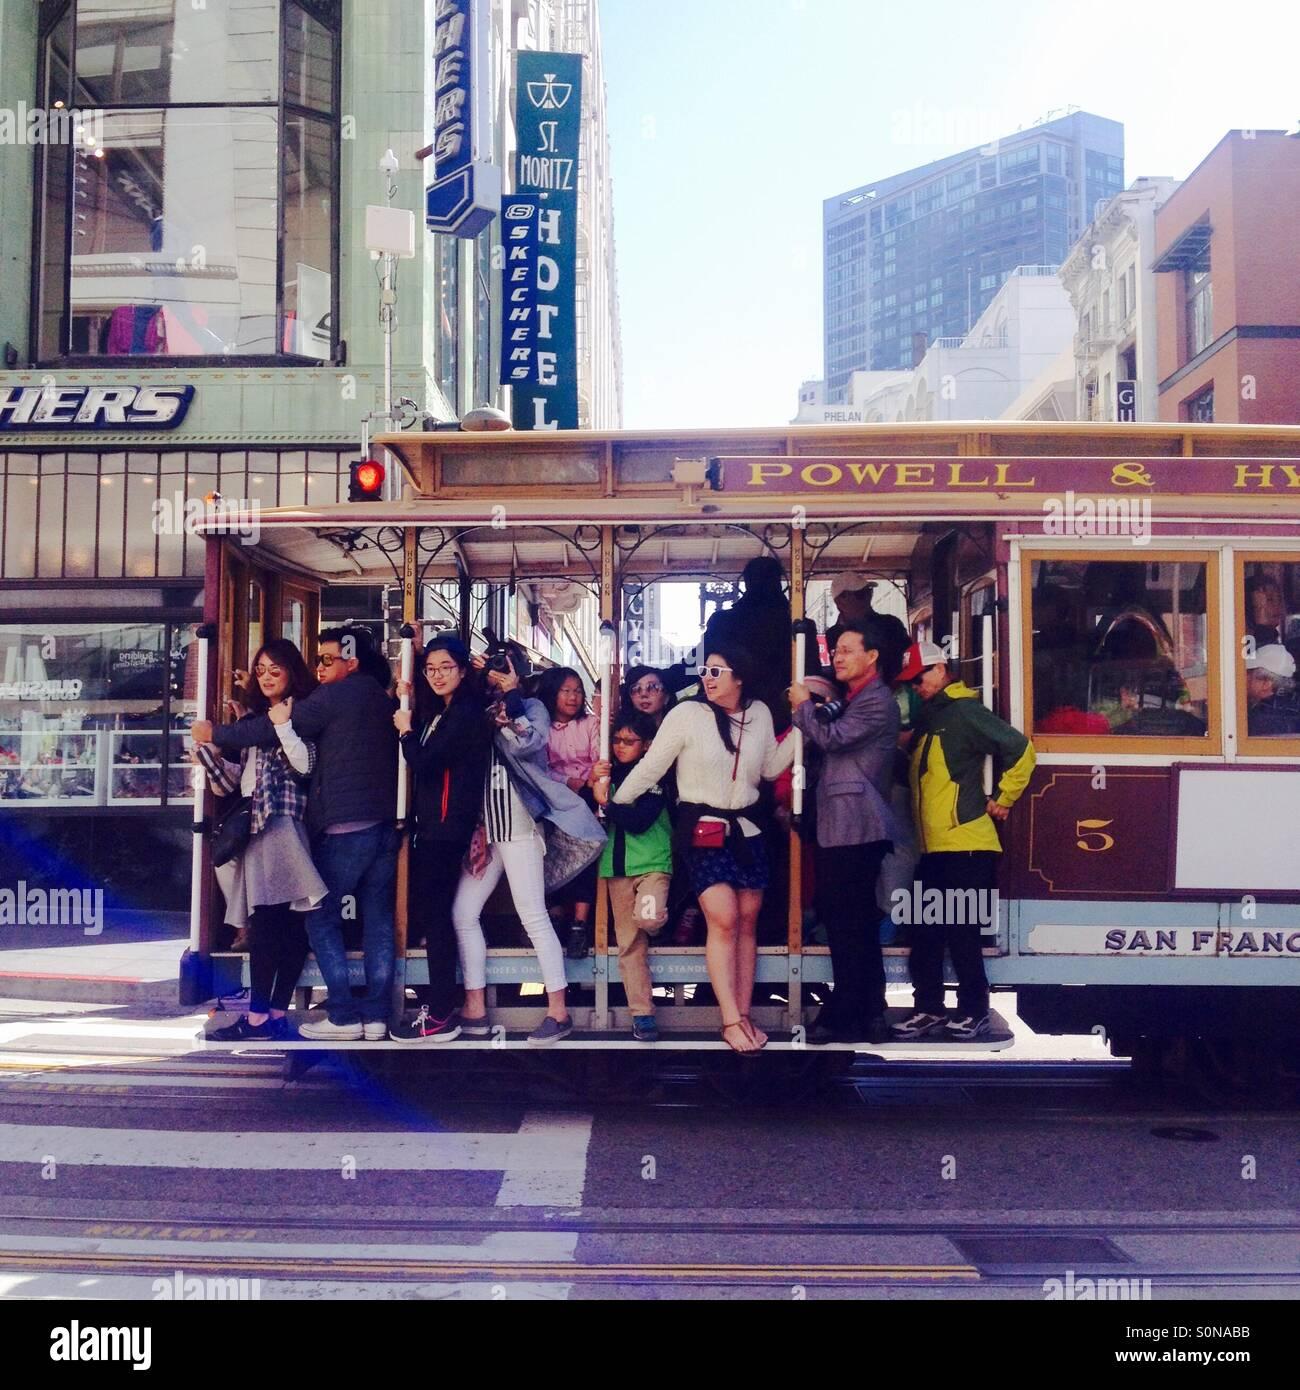 Los turistas montar un teleférico en el centro de San Francisco. Imagen De Stock